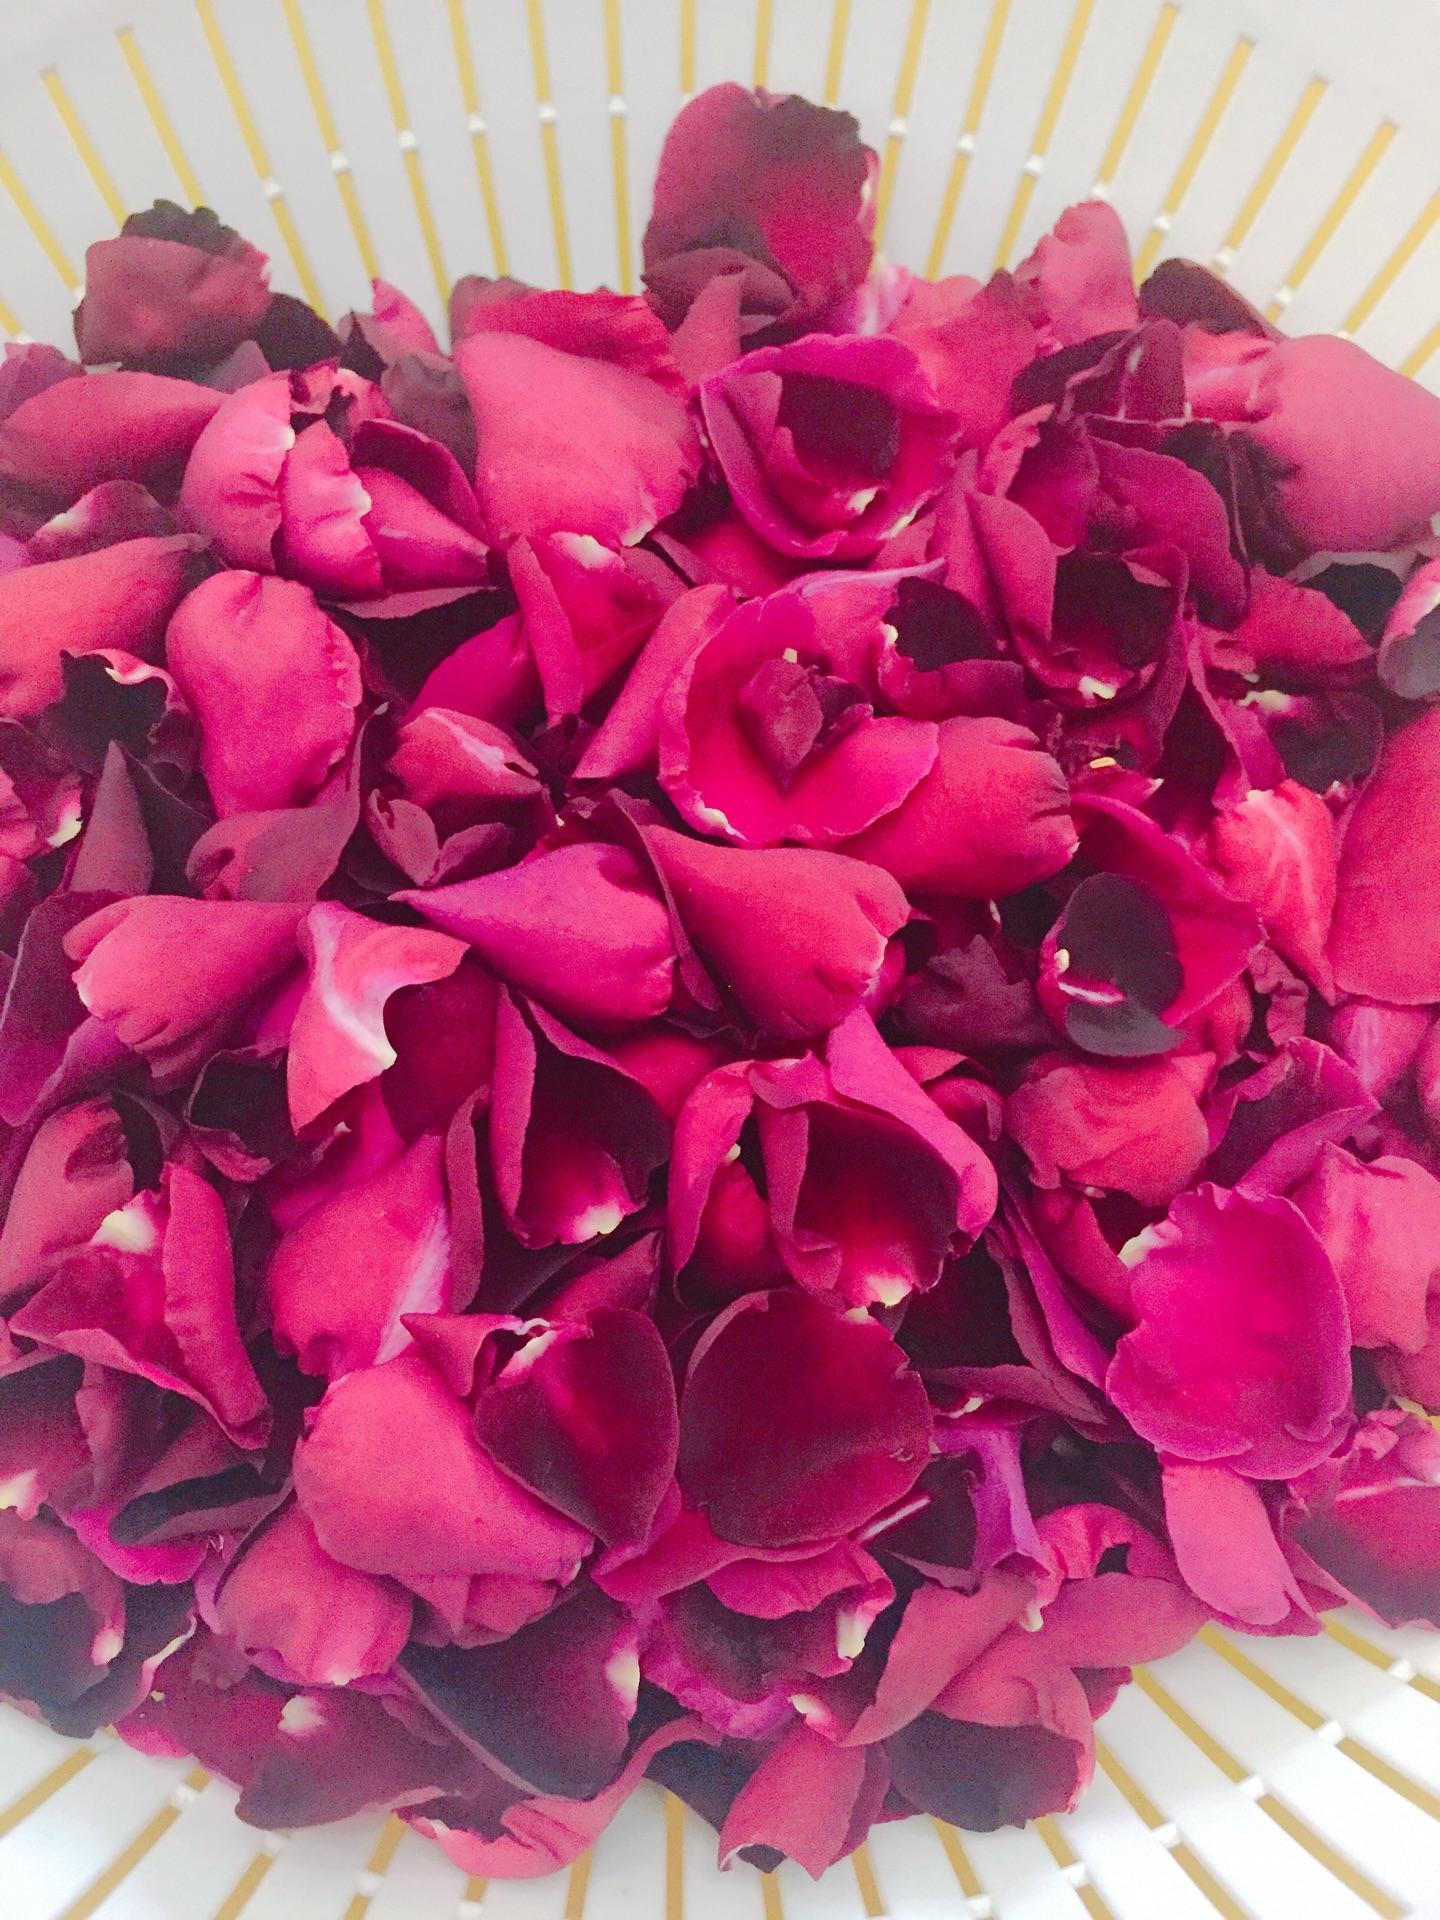 将沥干水分的玫瑰花瓣拆开,这个步骤很简单,就是比较费时.